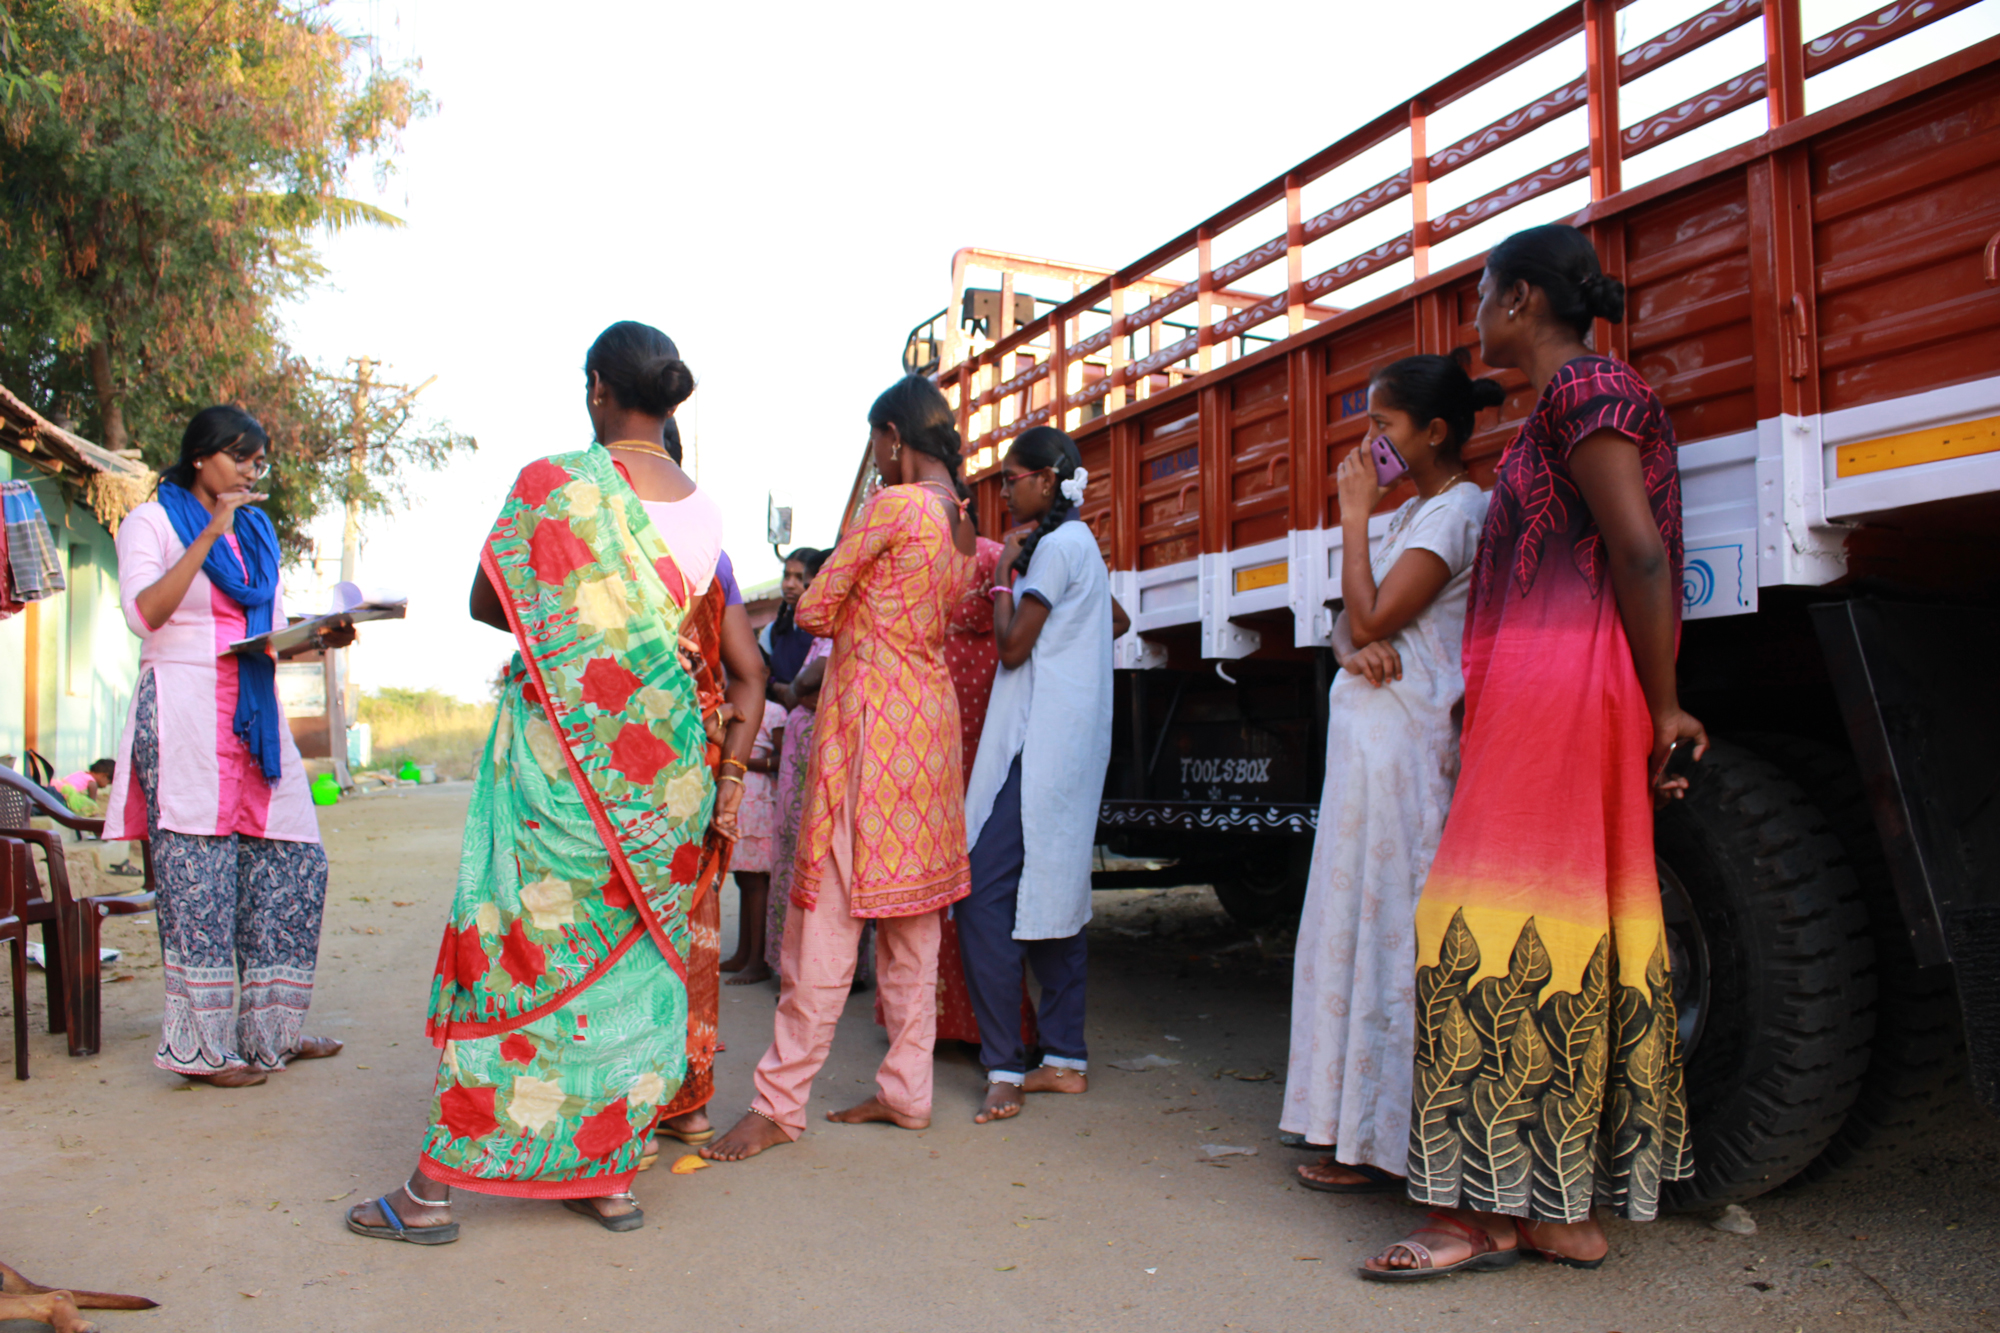 Elizabeth pratar mens med kvinnor i en fokusgrupp i ett slumområde